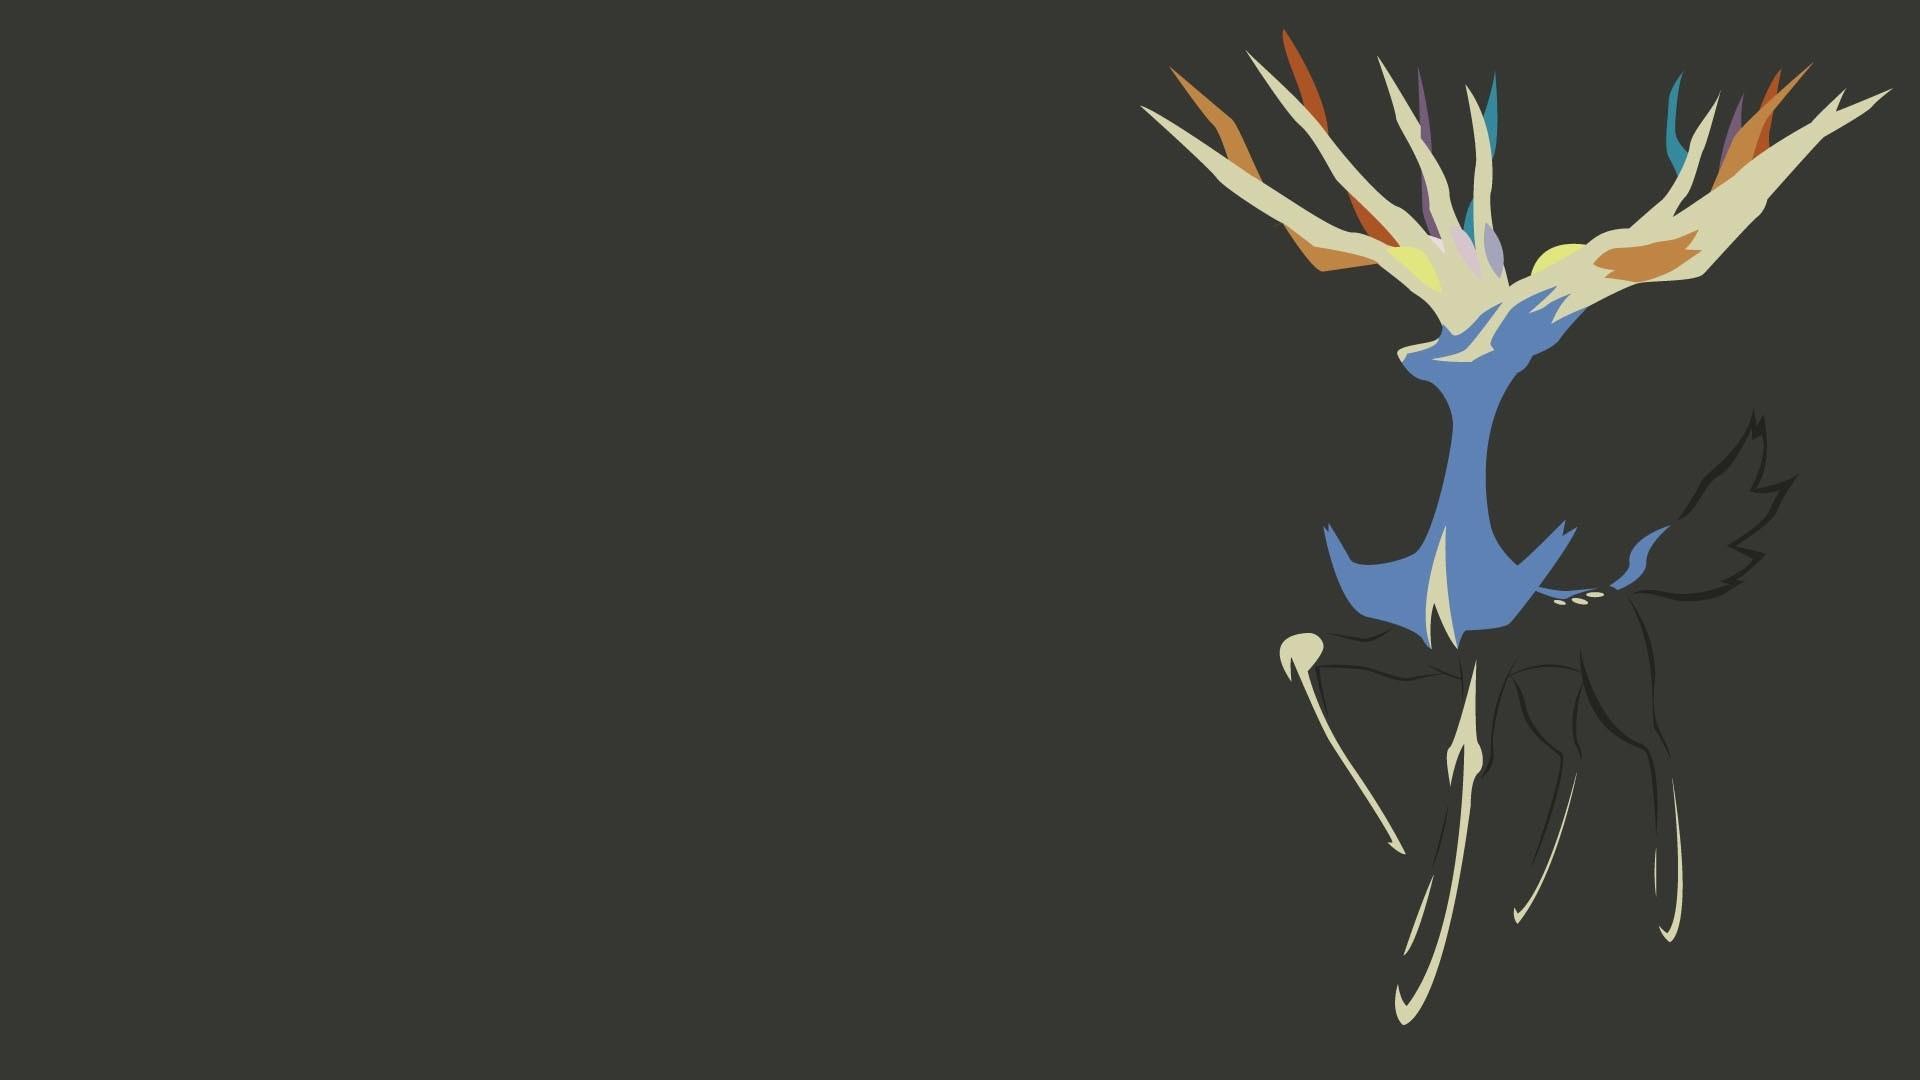 … Cool Pokemon X Y Legendaries Wallpaper Free Download Wallpapers –  Download Free Cool Wallpapers for PC Download